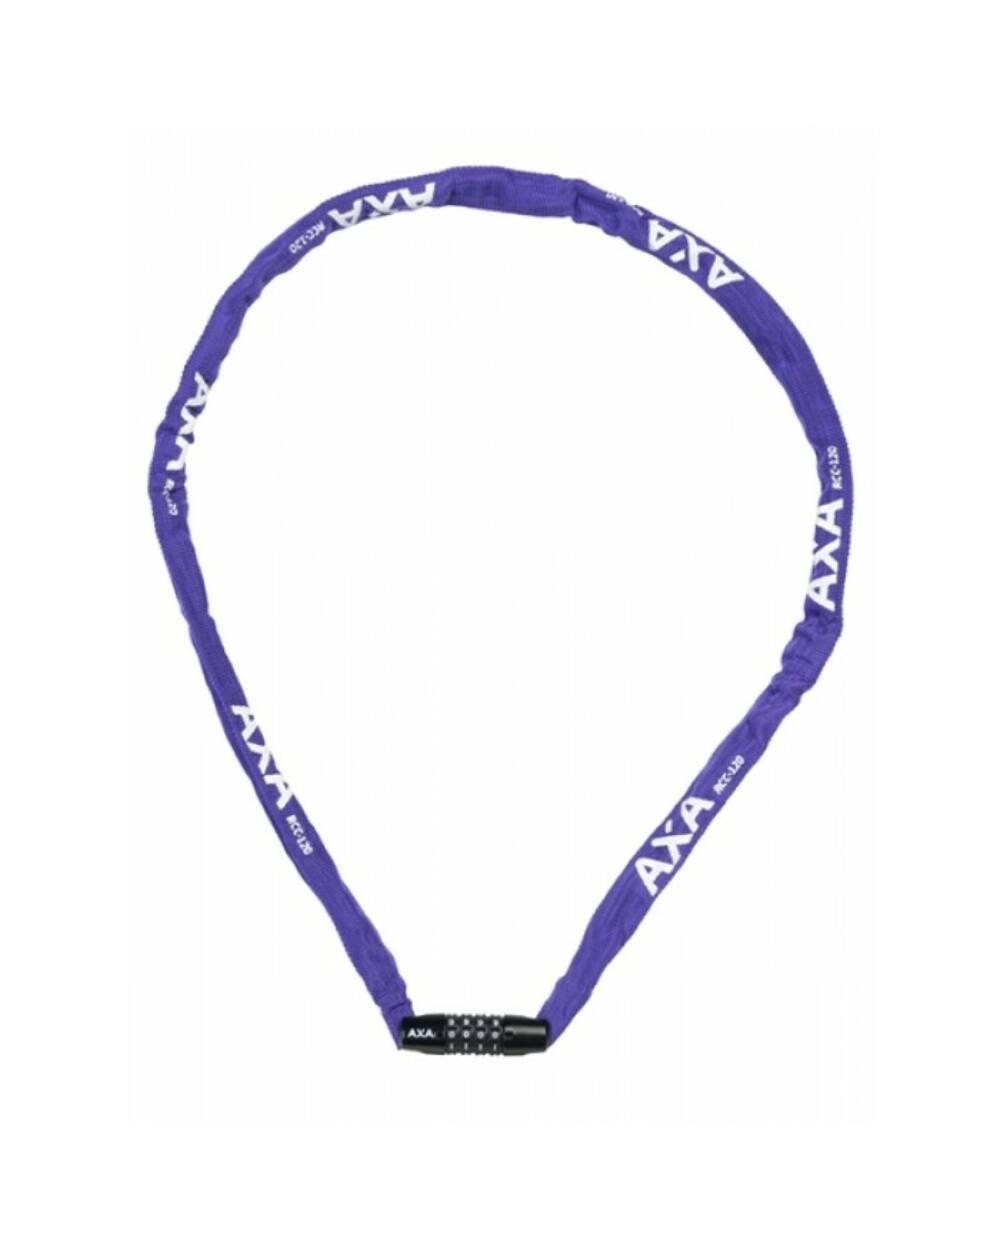 AXA Rigid RCC számkódos láncos kerékpár lakat 120cm, lila